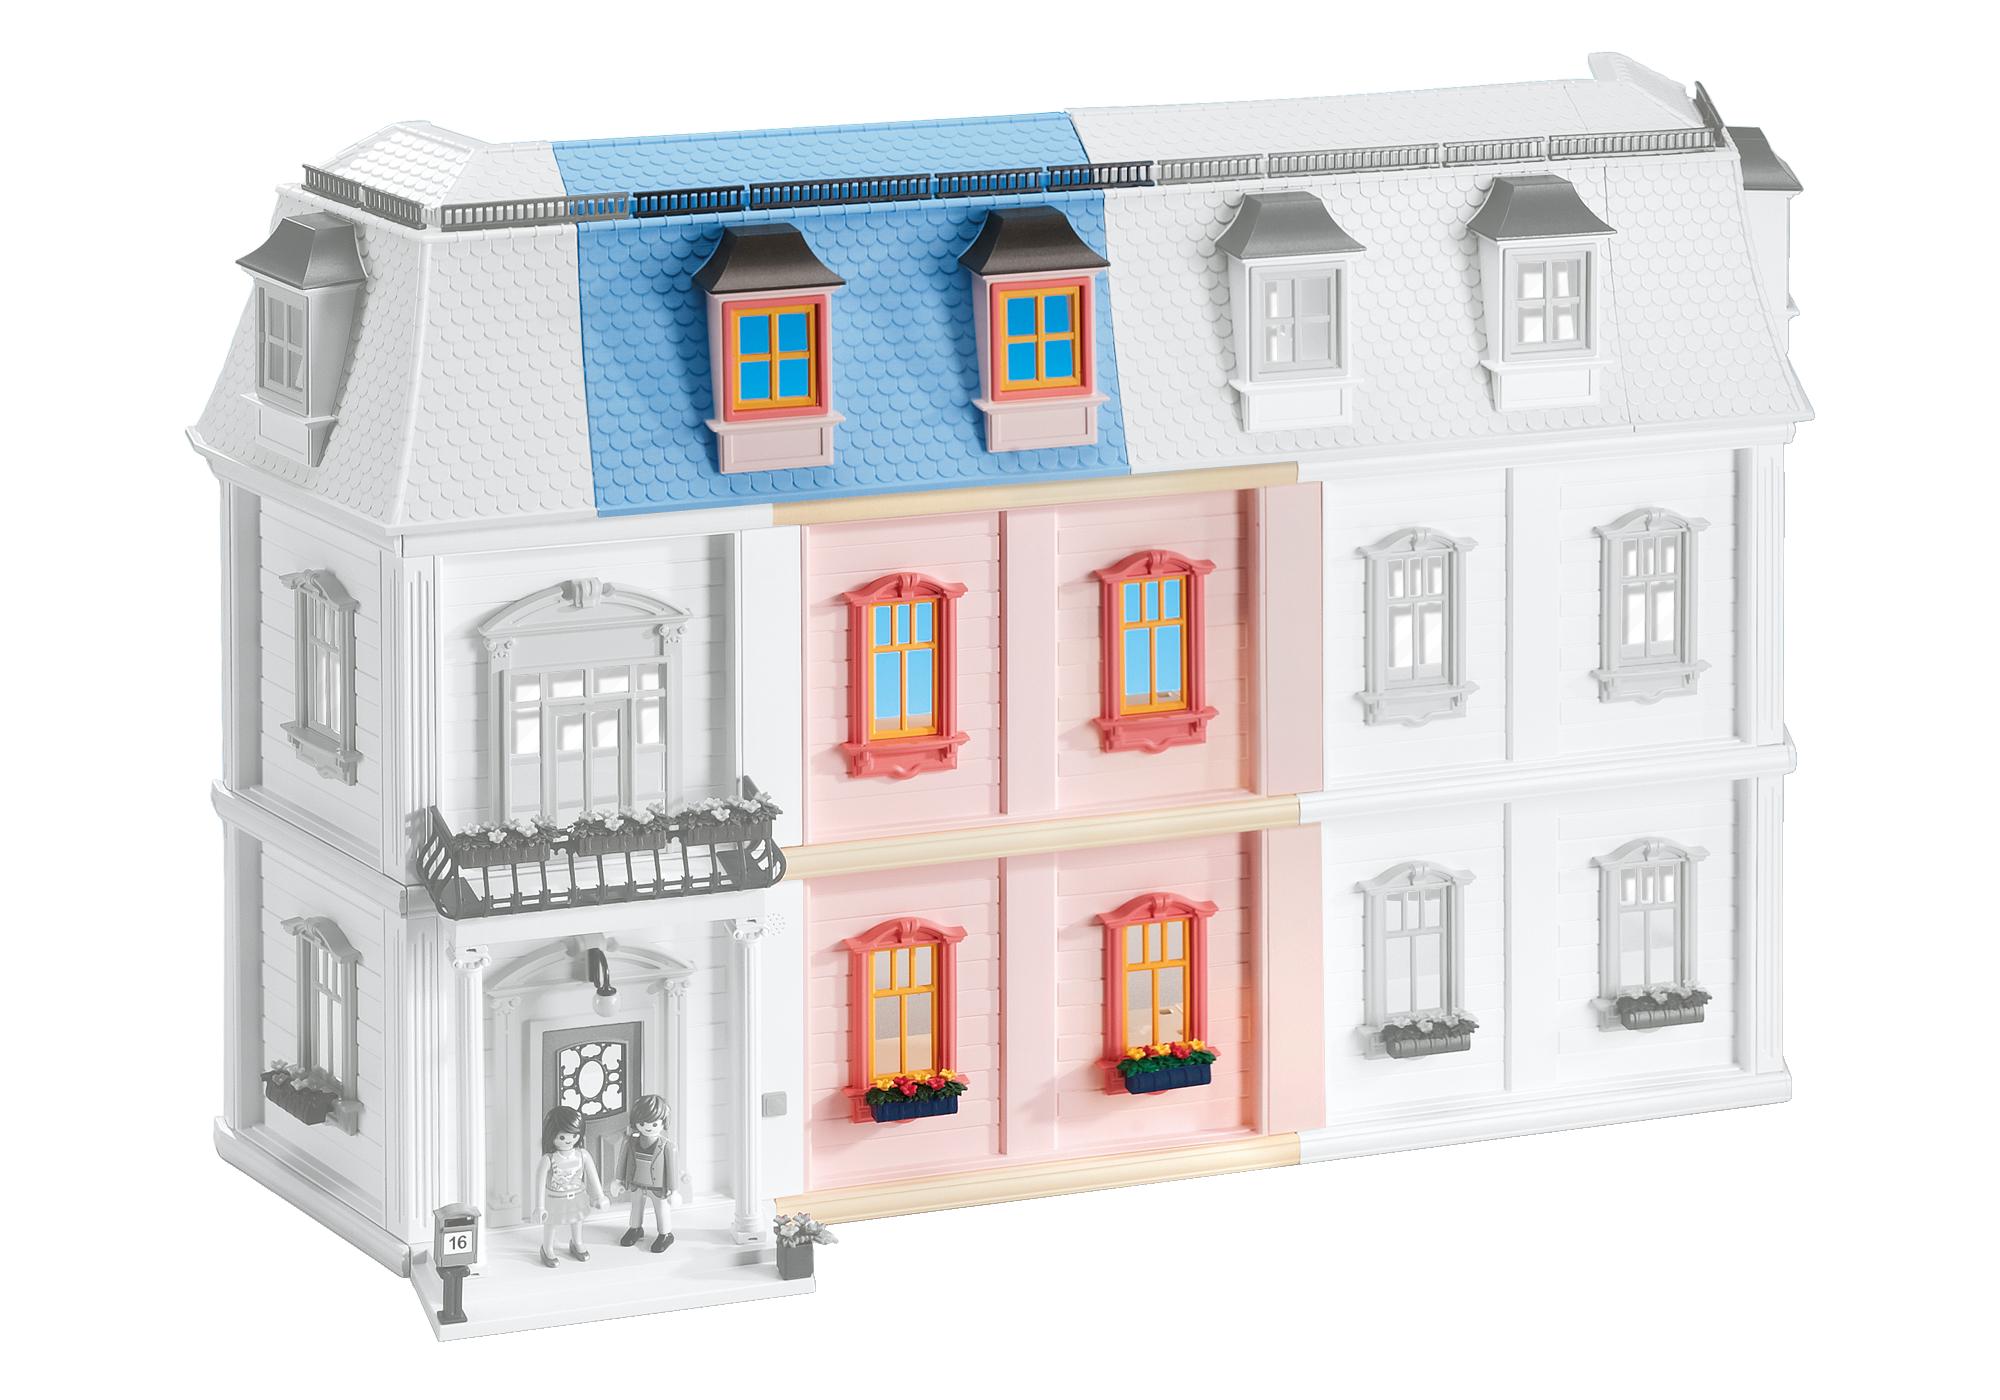 http://media.playmobil.com/i/playmobil/6452_product_detail/Extensão A para Casa de Bonecas Romântica (ref. 5303)